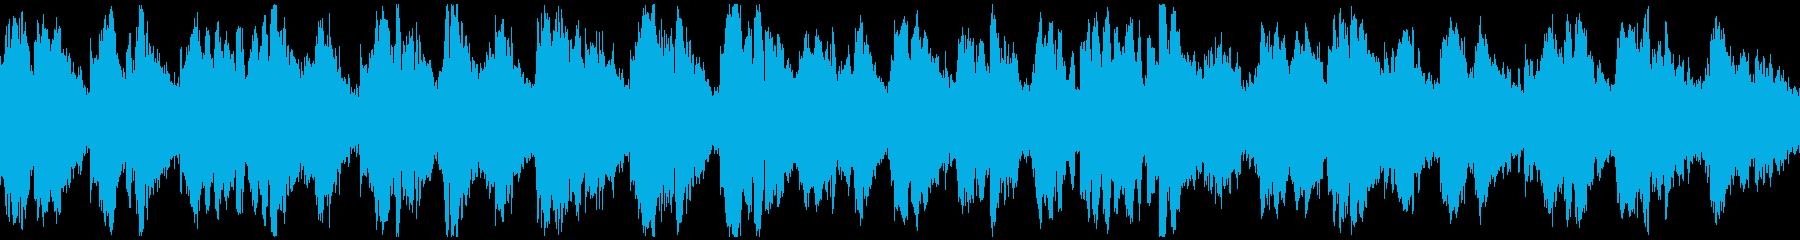 キラキラ神秘的なリラックス曲 ※ループ版の再生済みの波形